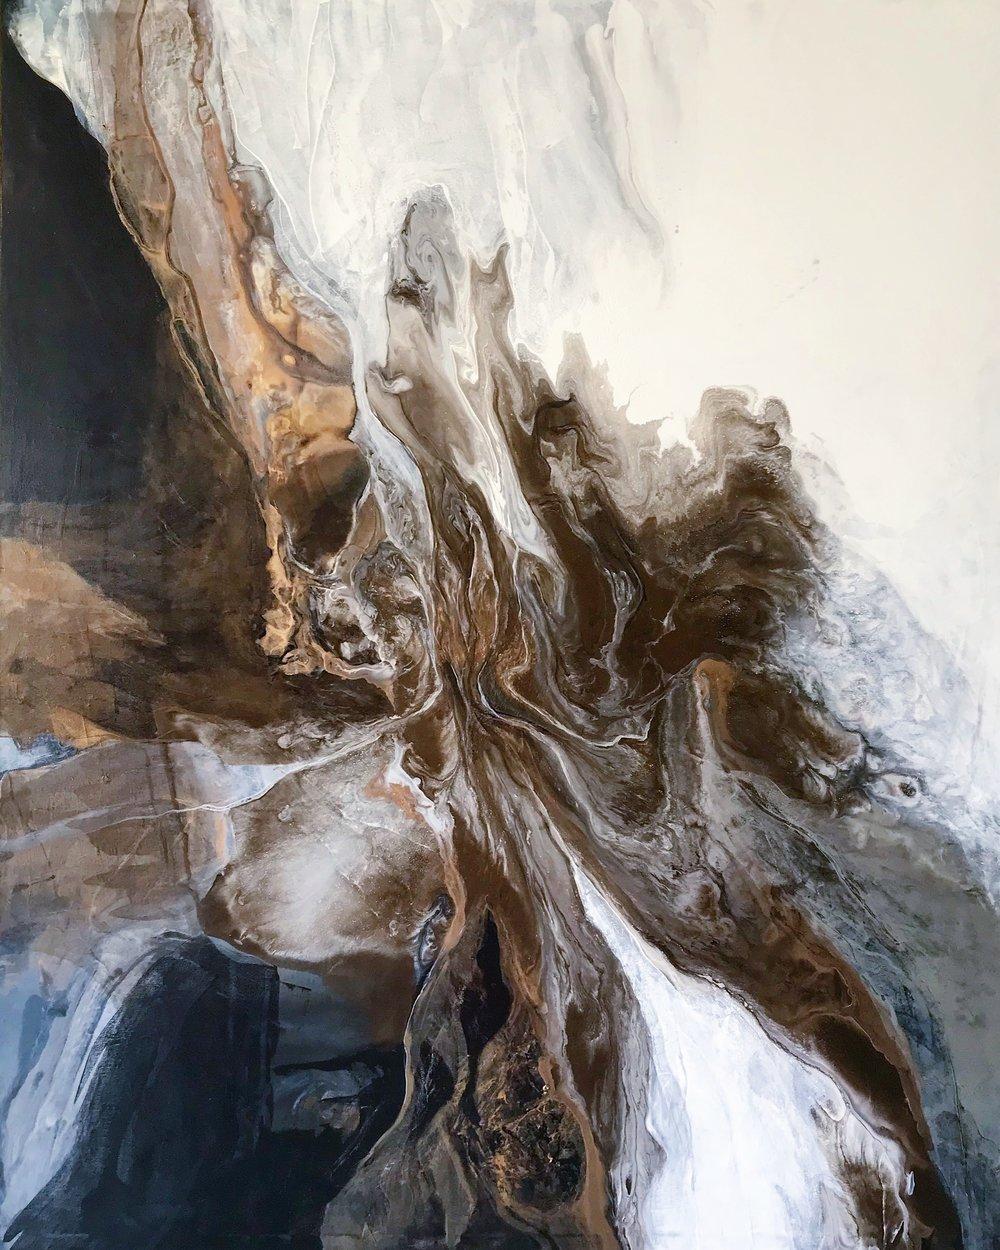 48x60''  Acrylic on canvas  $4,000